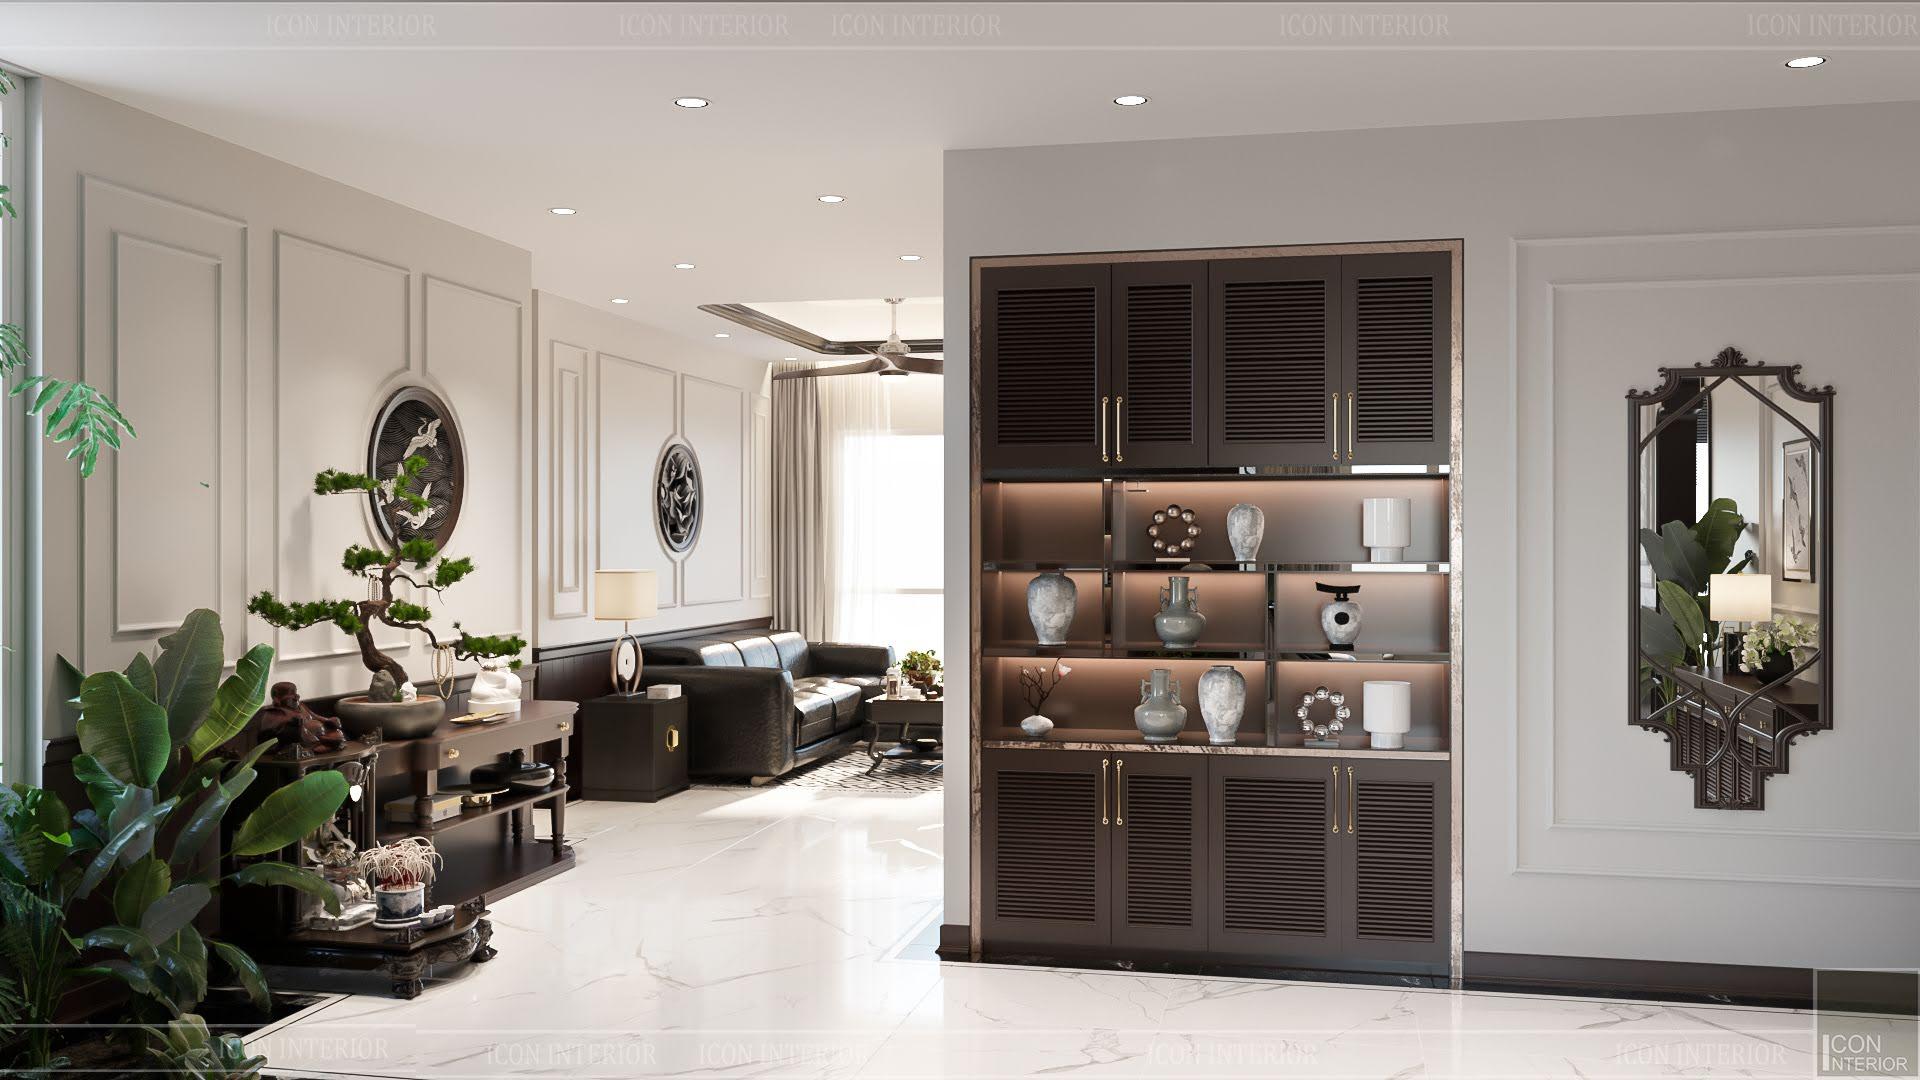 thiết kế căn hộ đập thông - phòng khách 2